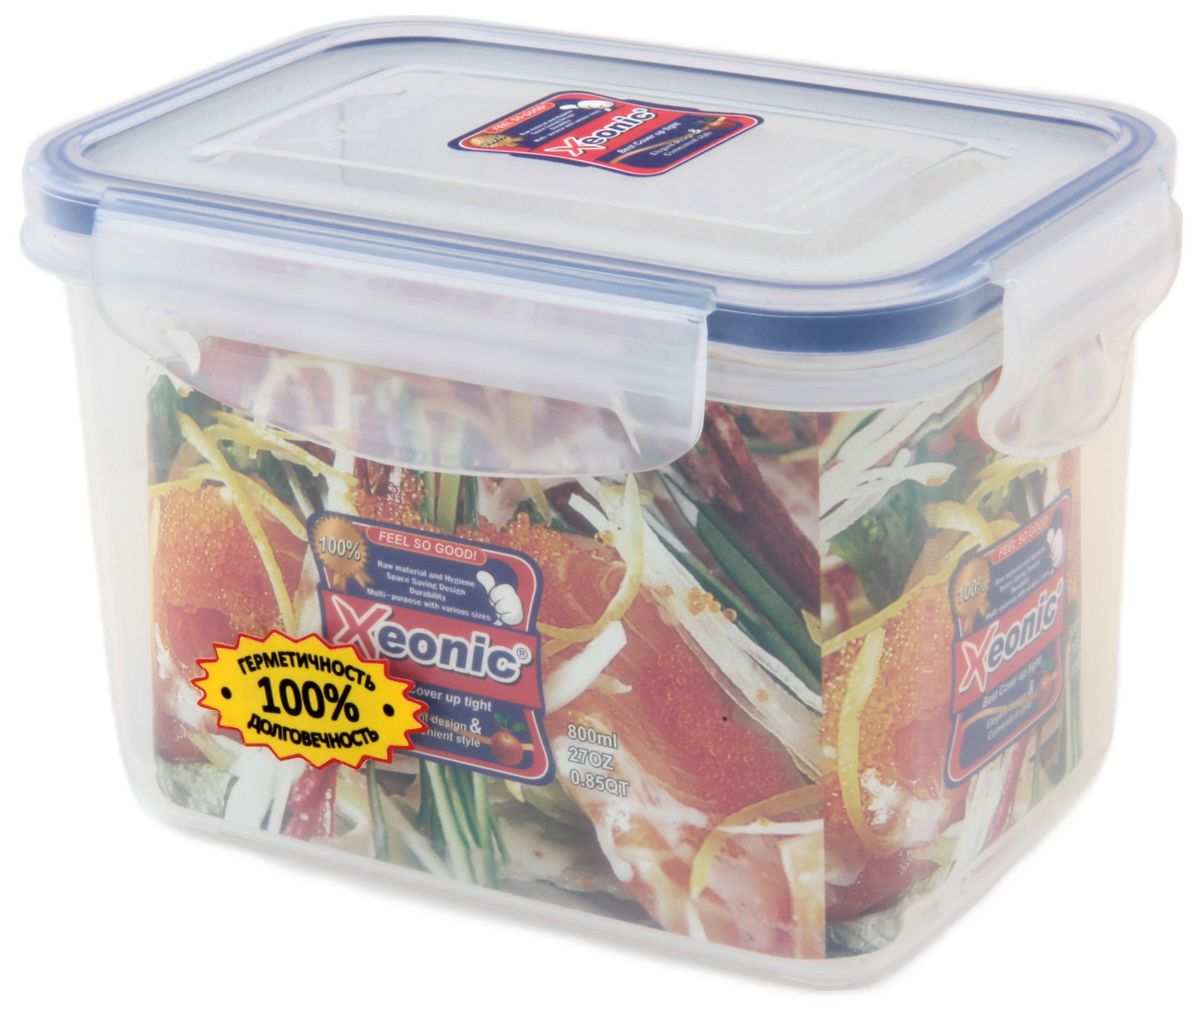 Контейнер Xeonic, цвет: прозрачный, синий, 800 мл. 810028810028Пластиковые герметичные контейнеры для хранения продуктов Xeonic произведены из высококачественных материалов, имеют 100% герметичность, термоустойчивы, могут быть использованы в микроволновой печи и в морозильной камере, устойчивы к воздействию масел и жиров, не впитывают запах. Удобны в использовании, долговечны, легко открываются и закрываются, не занимают много места, можно мыть в посудомоечной машине. Размер: 12,5 см х 8 см х 9 см.